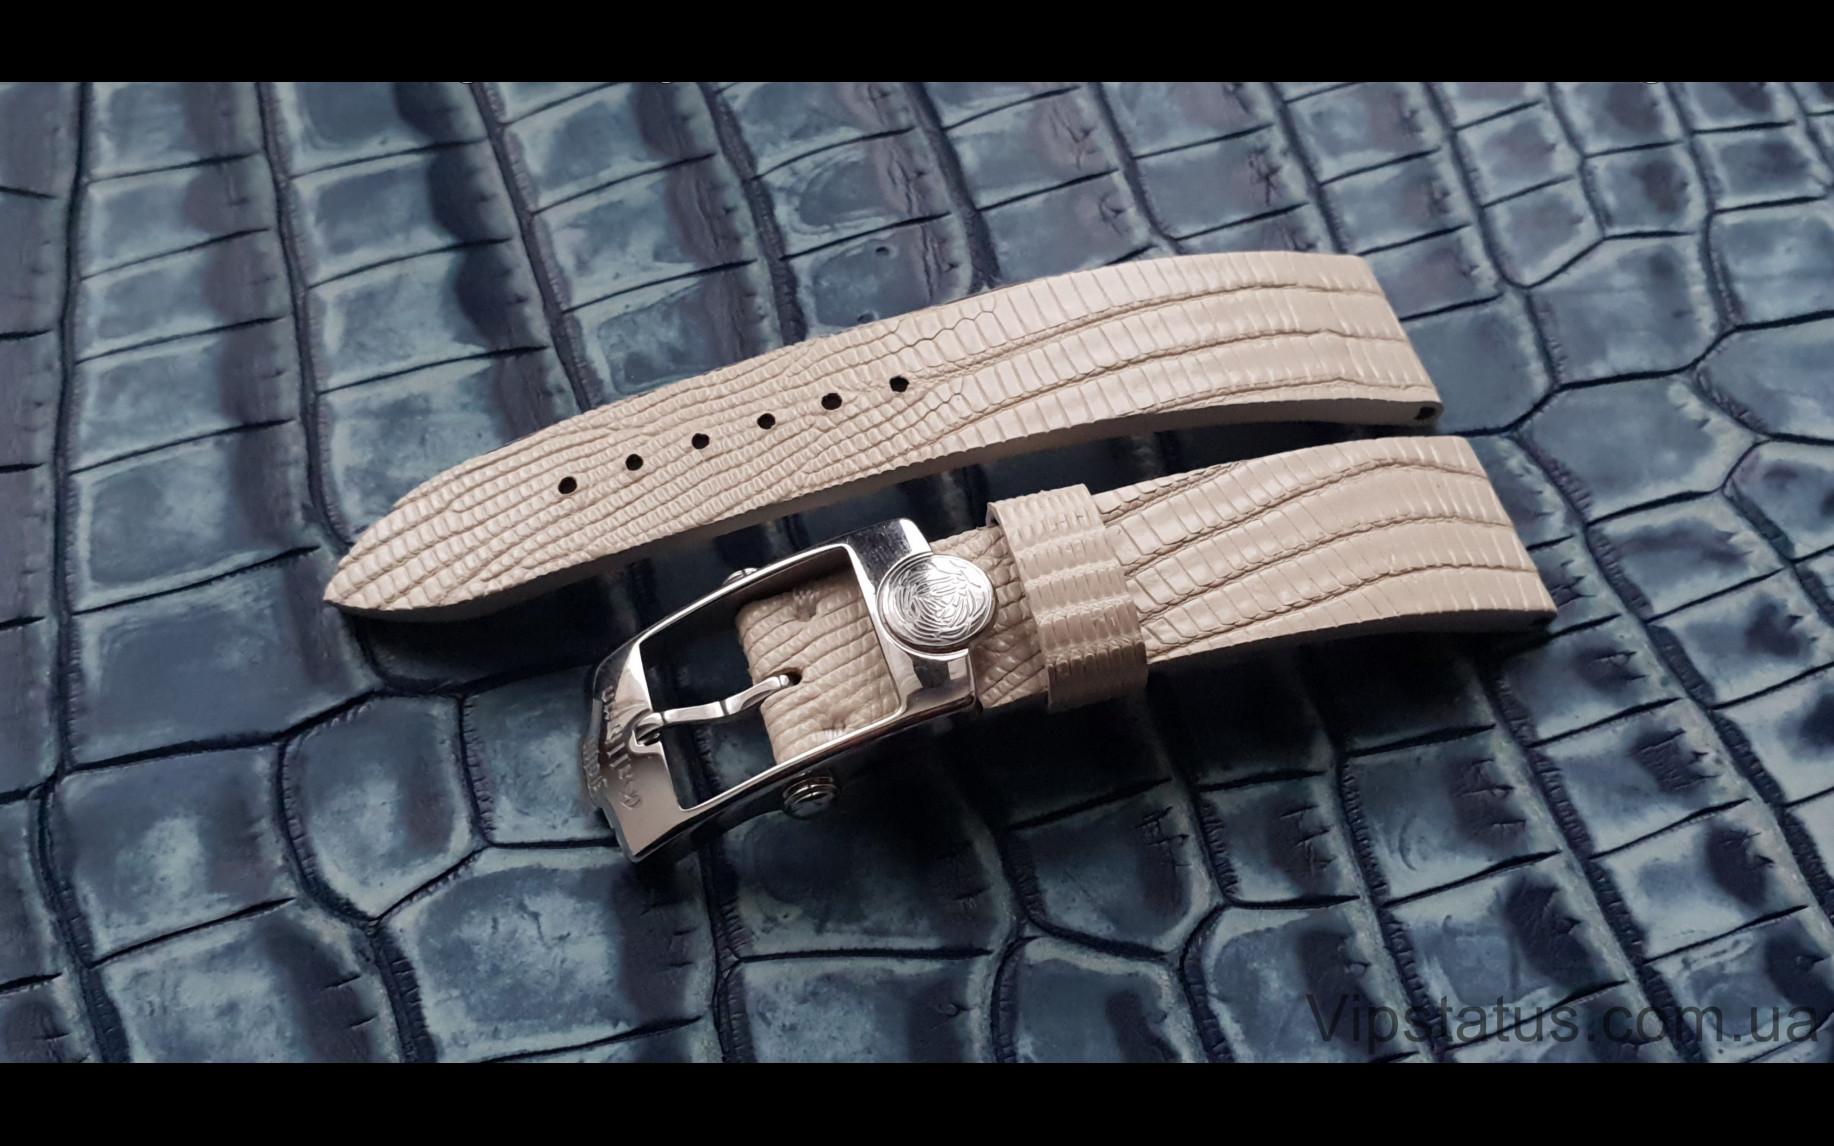 Элитный Экзотический ремешок для часов John Galliano кожа крокодила Эксклюзивный ремешок для часов John Galliano из кожи крокодила изображение 1